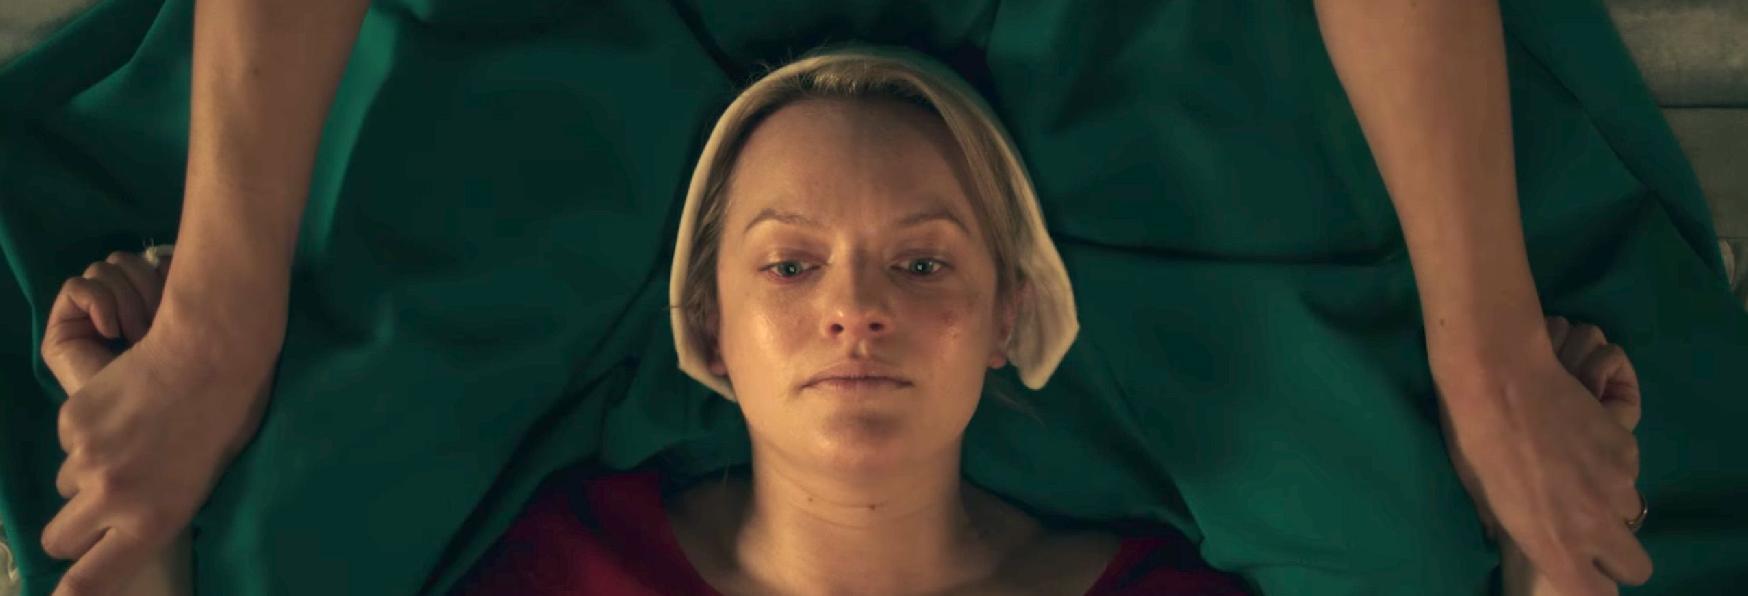 The Handmaid's Tale: la Terza Stagione in arrivo a Giugno. Il Trailer appena Rilasciato